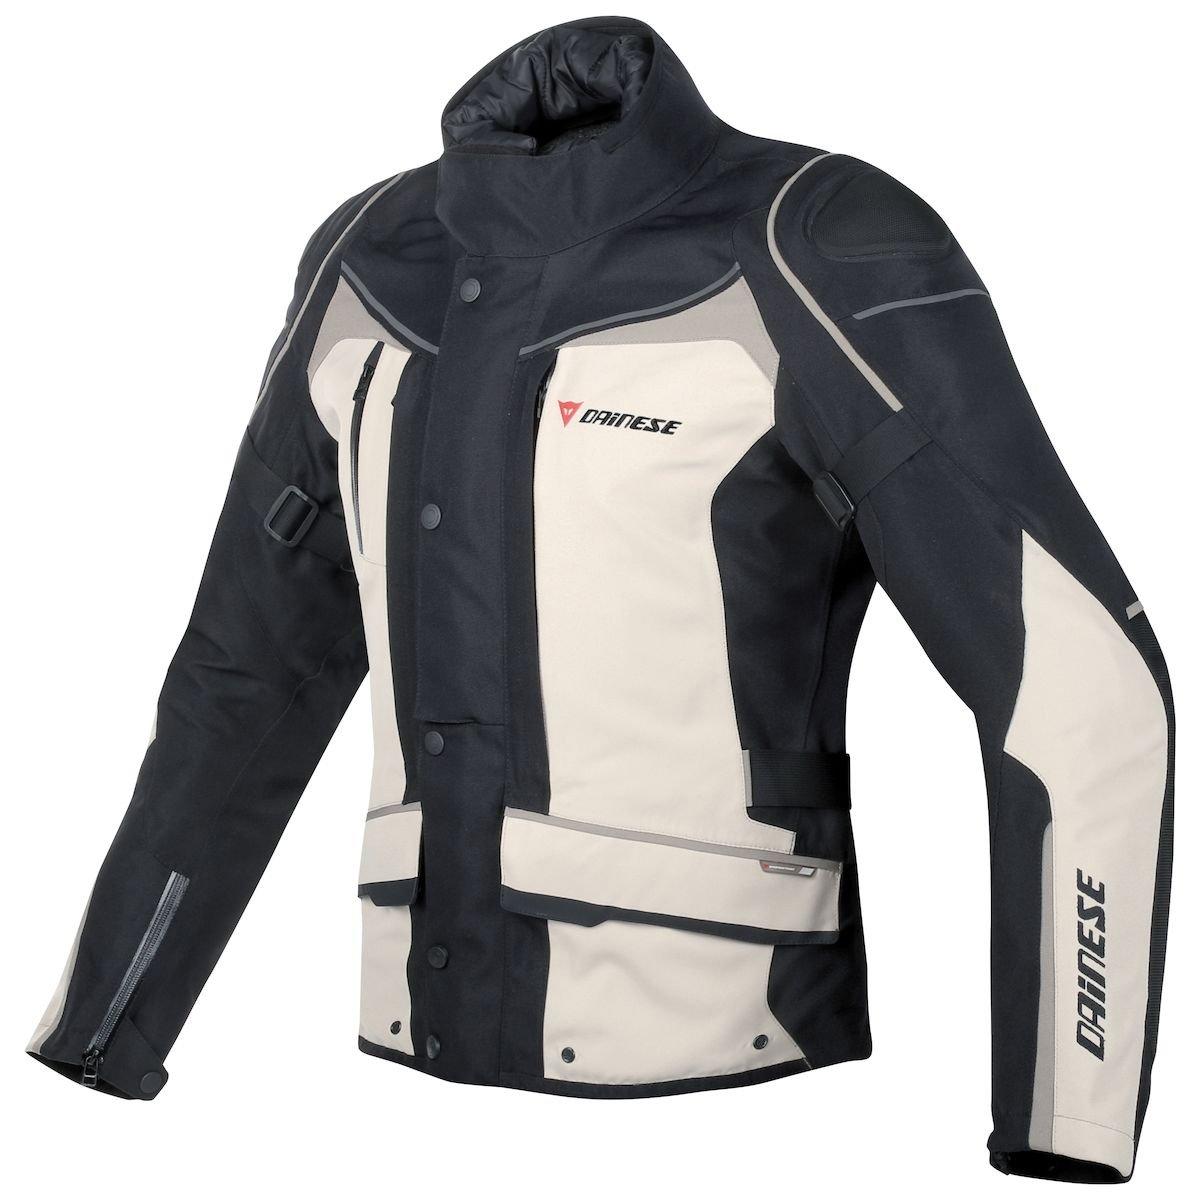 Amazon.com: Dainese D-Blizzard D-Dry Jacket (48) (PEYOTE/BLACK/BRINDLE): Automotive